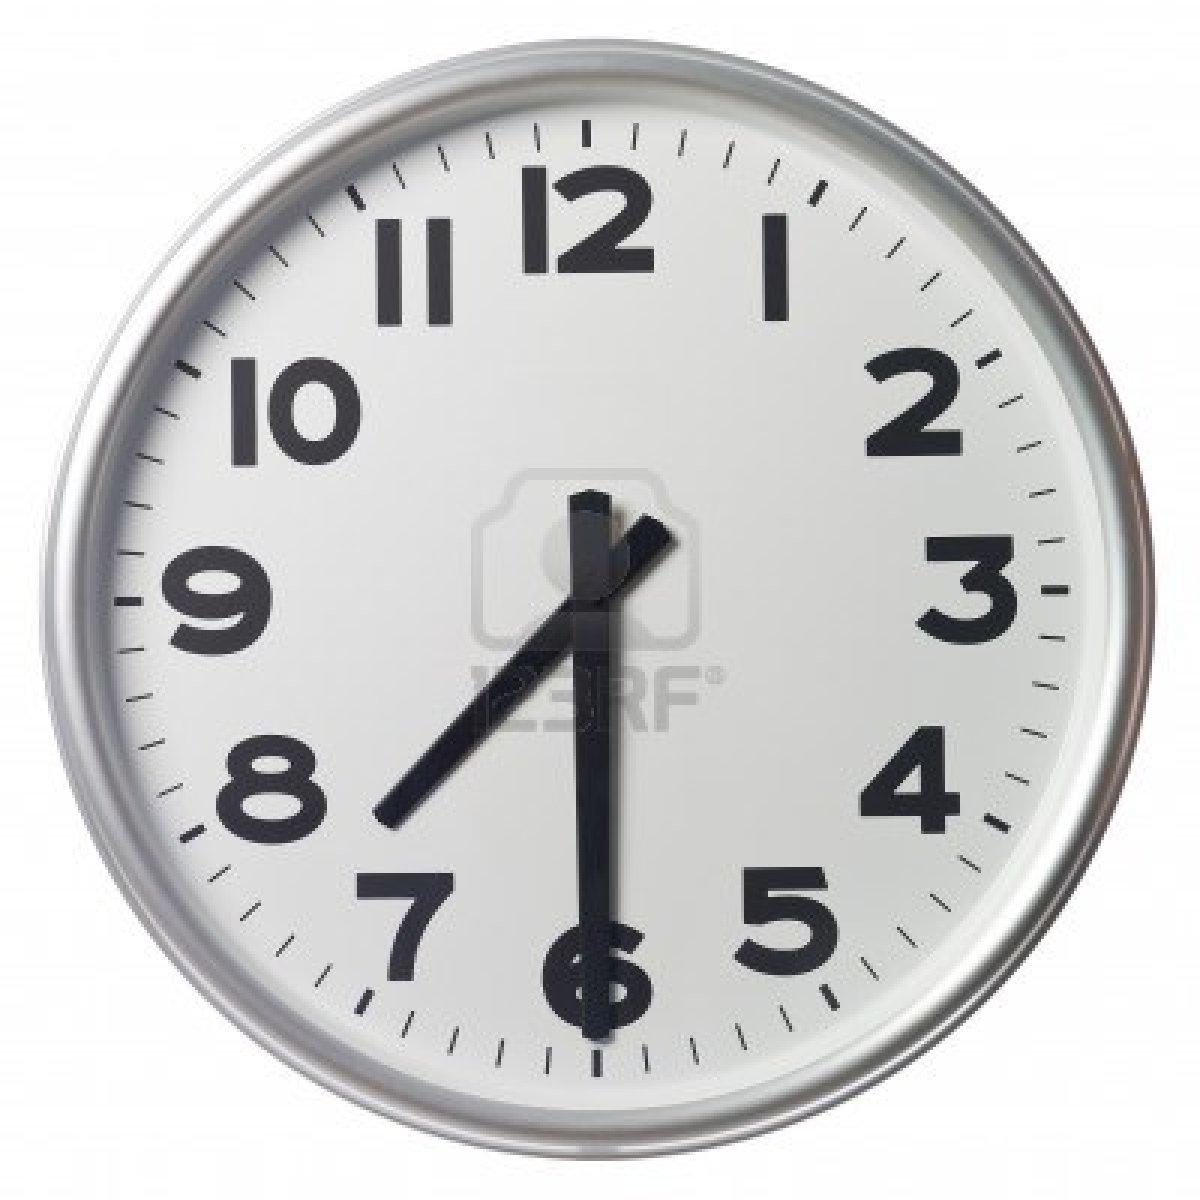 Ausmalbilder Uhr & Uhrzeit in 2020   Malvorlagen, Vorlagen, Uhrzeit lernen